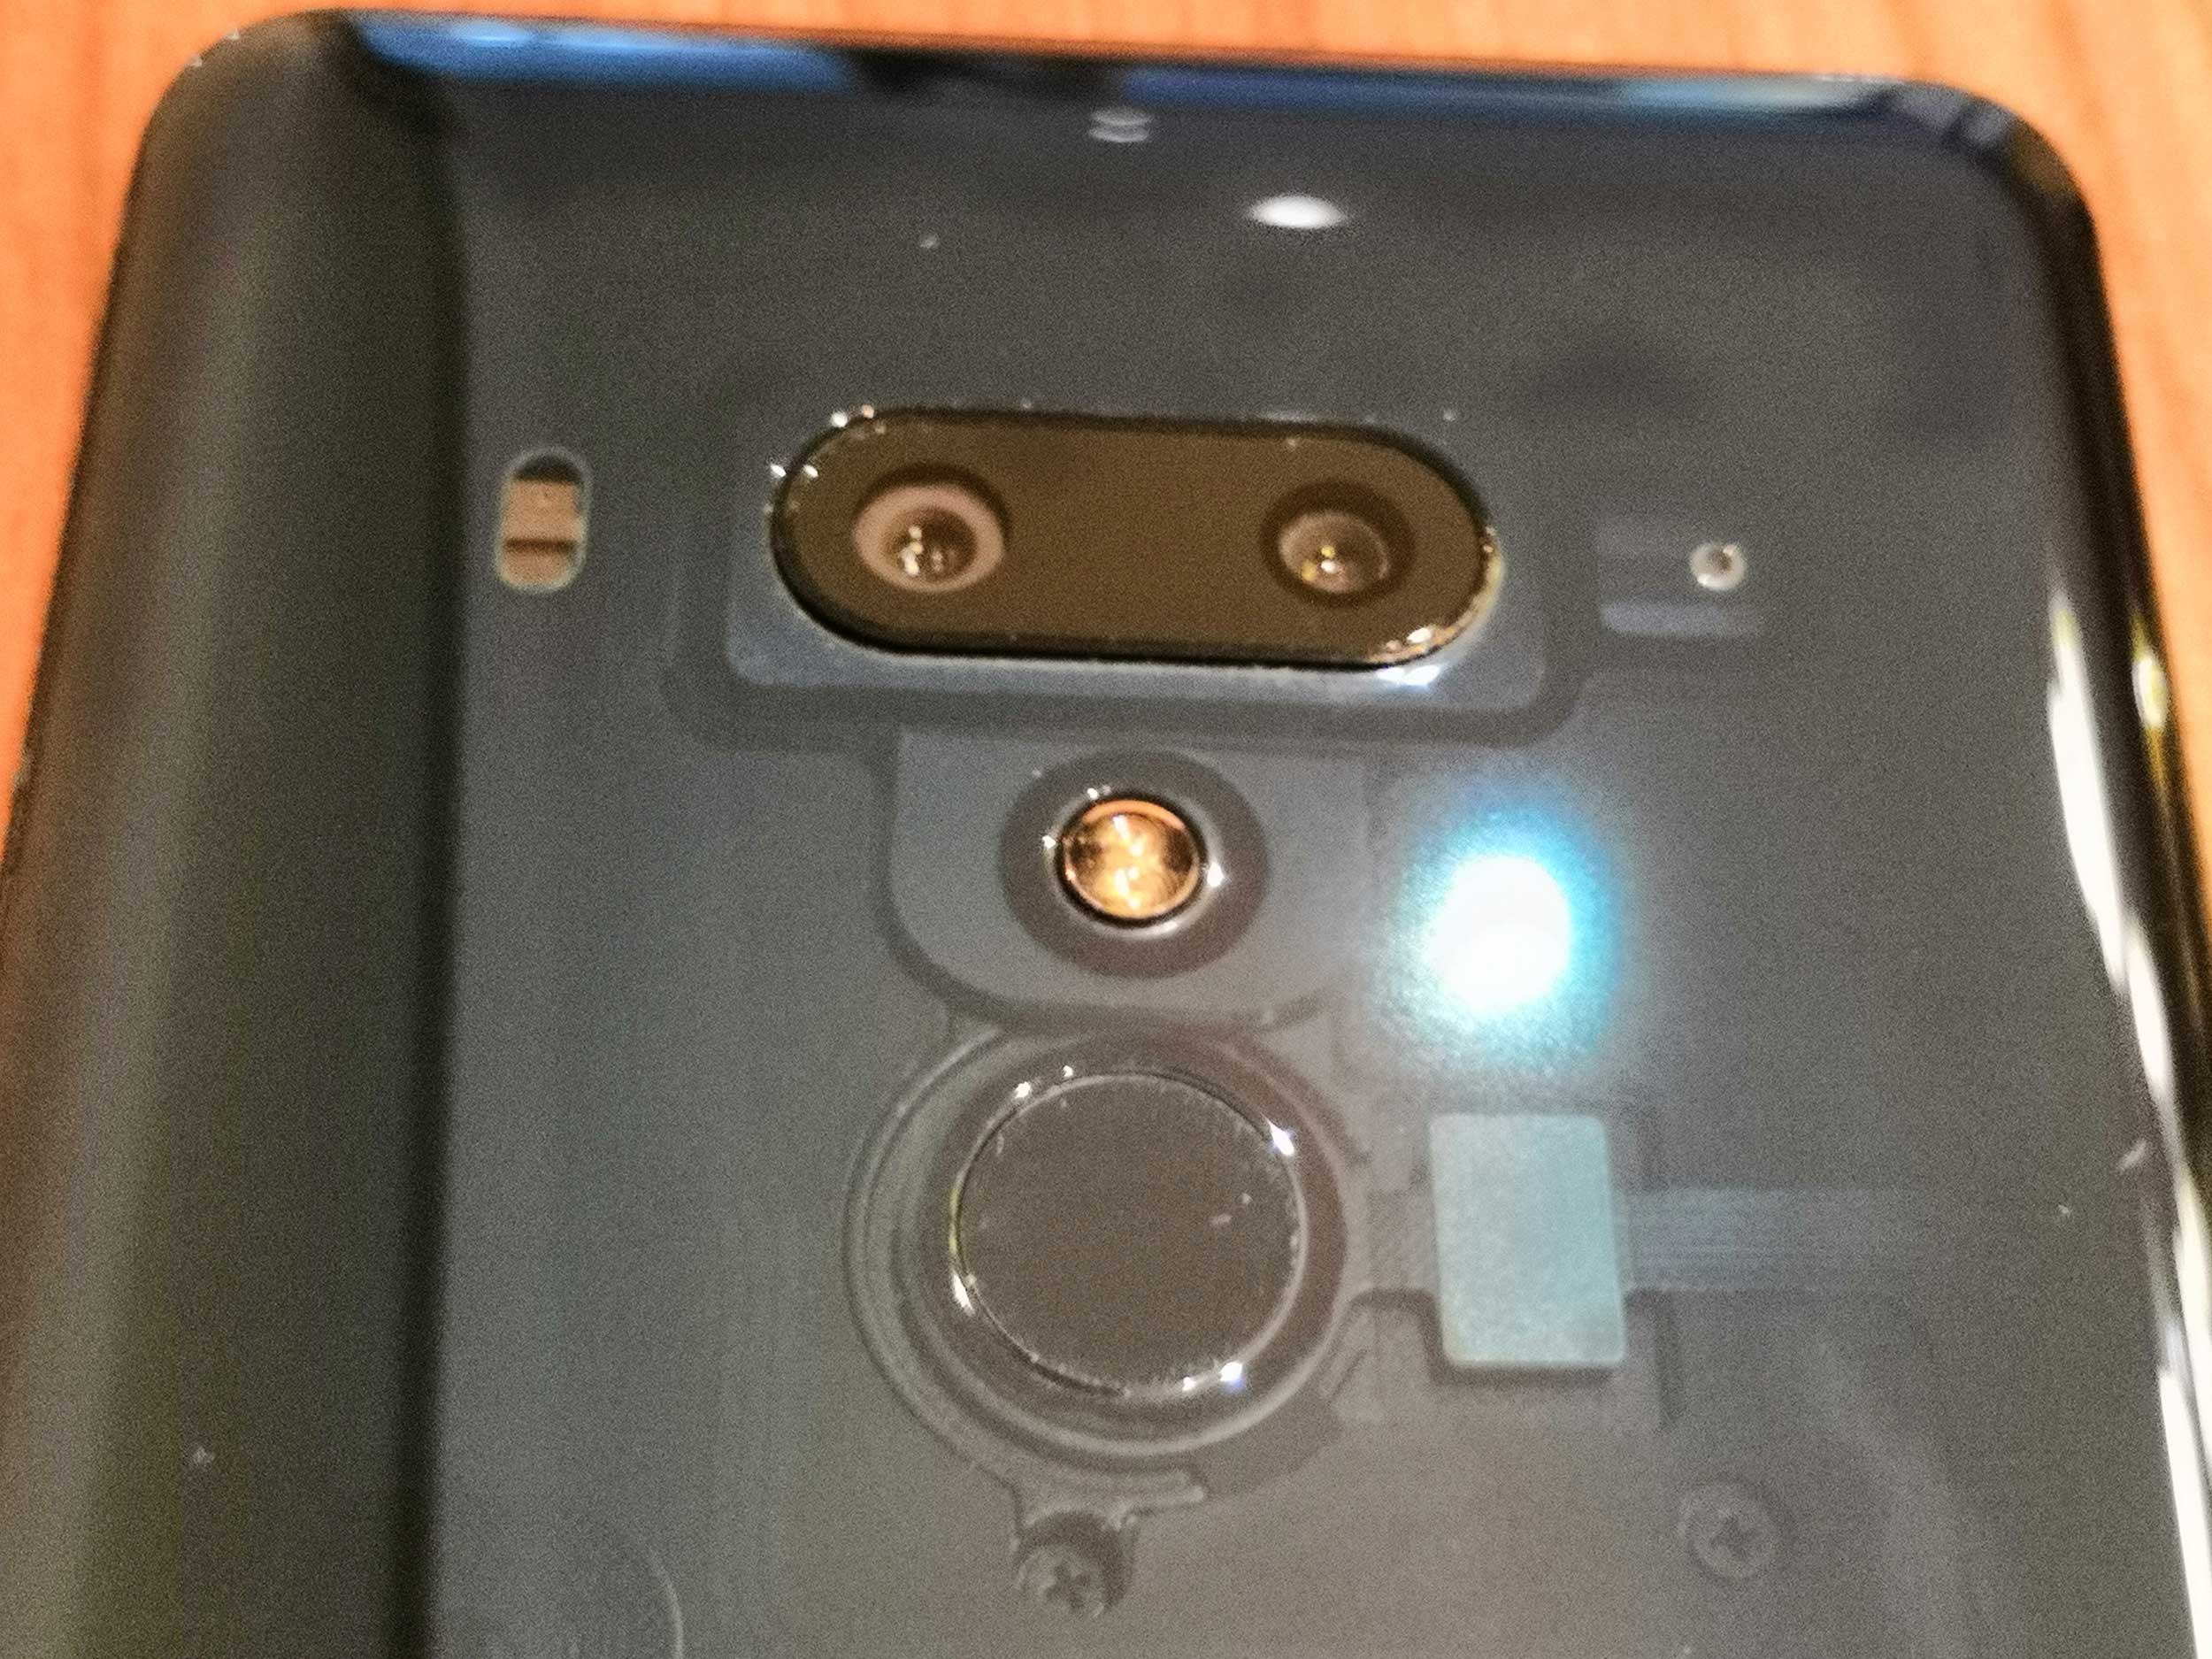 Die rückseitige Dual-Kamera des HTC 12+ löst 12 und 16 Megapixel auf und hat eine Blende von f/1.75. (Bild: moobilux.com)